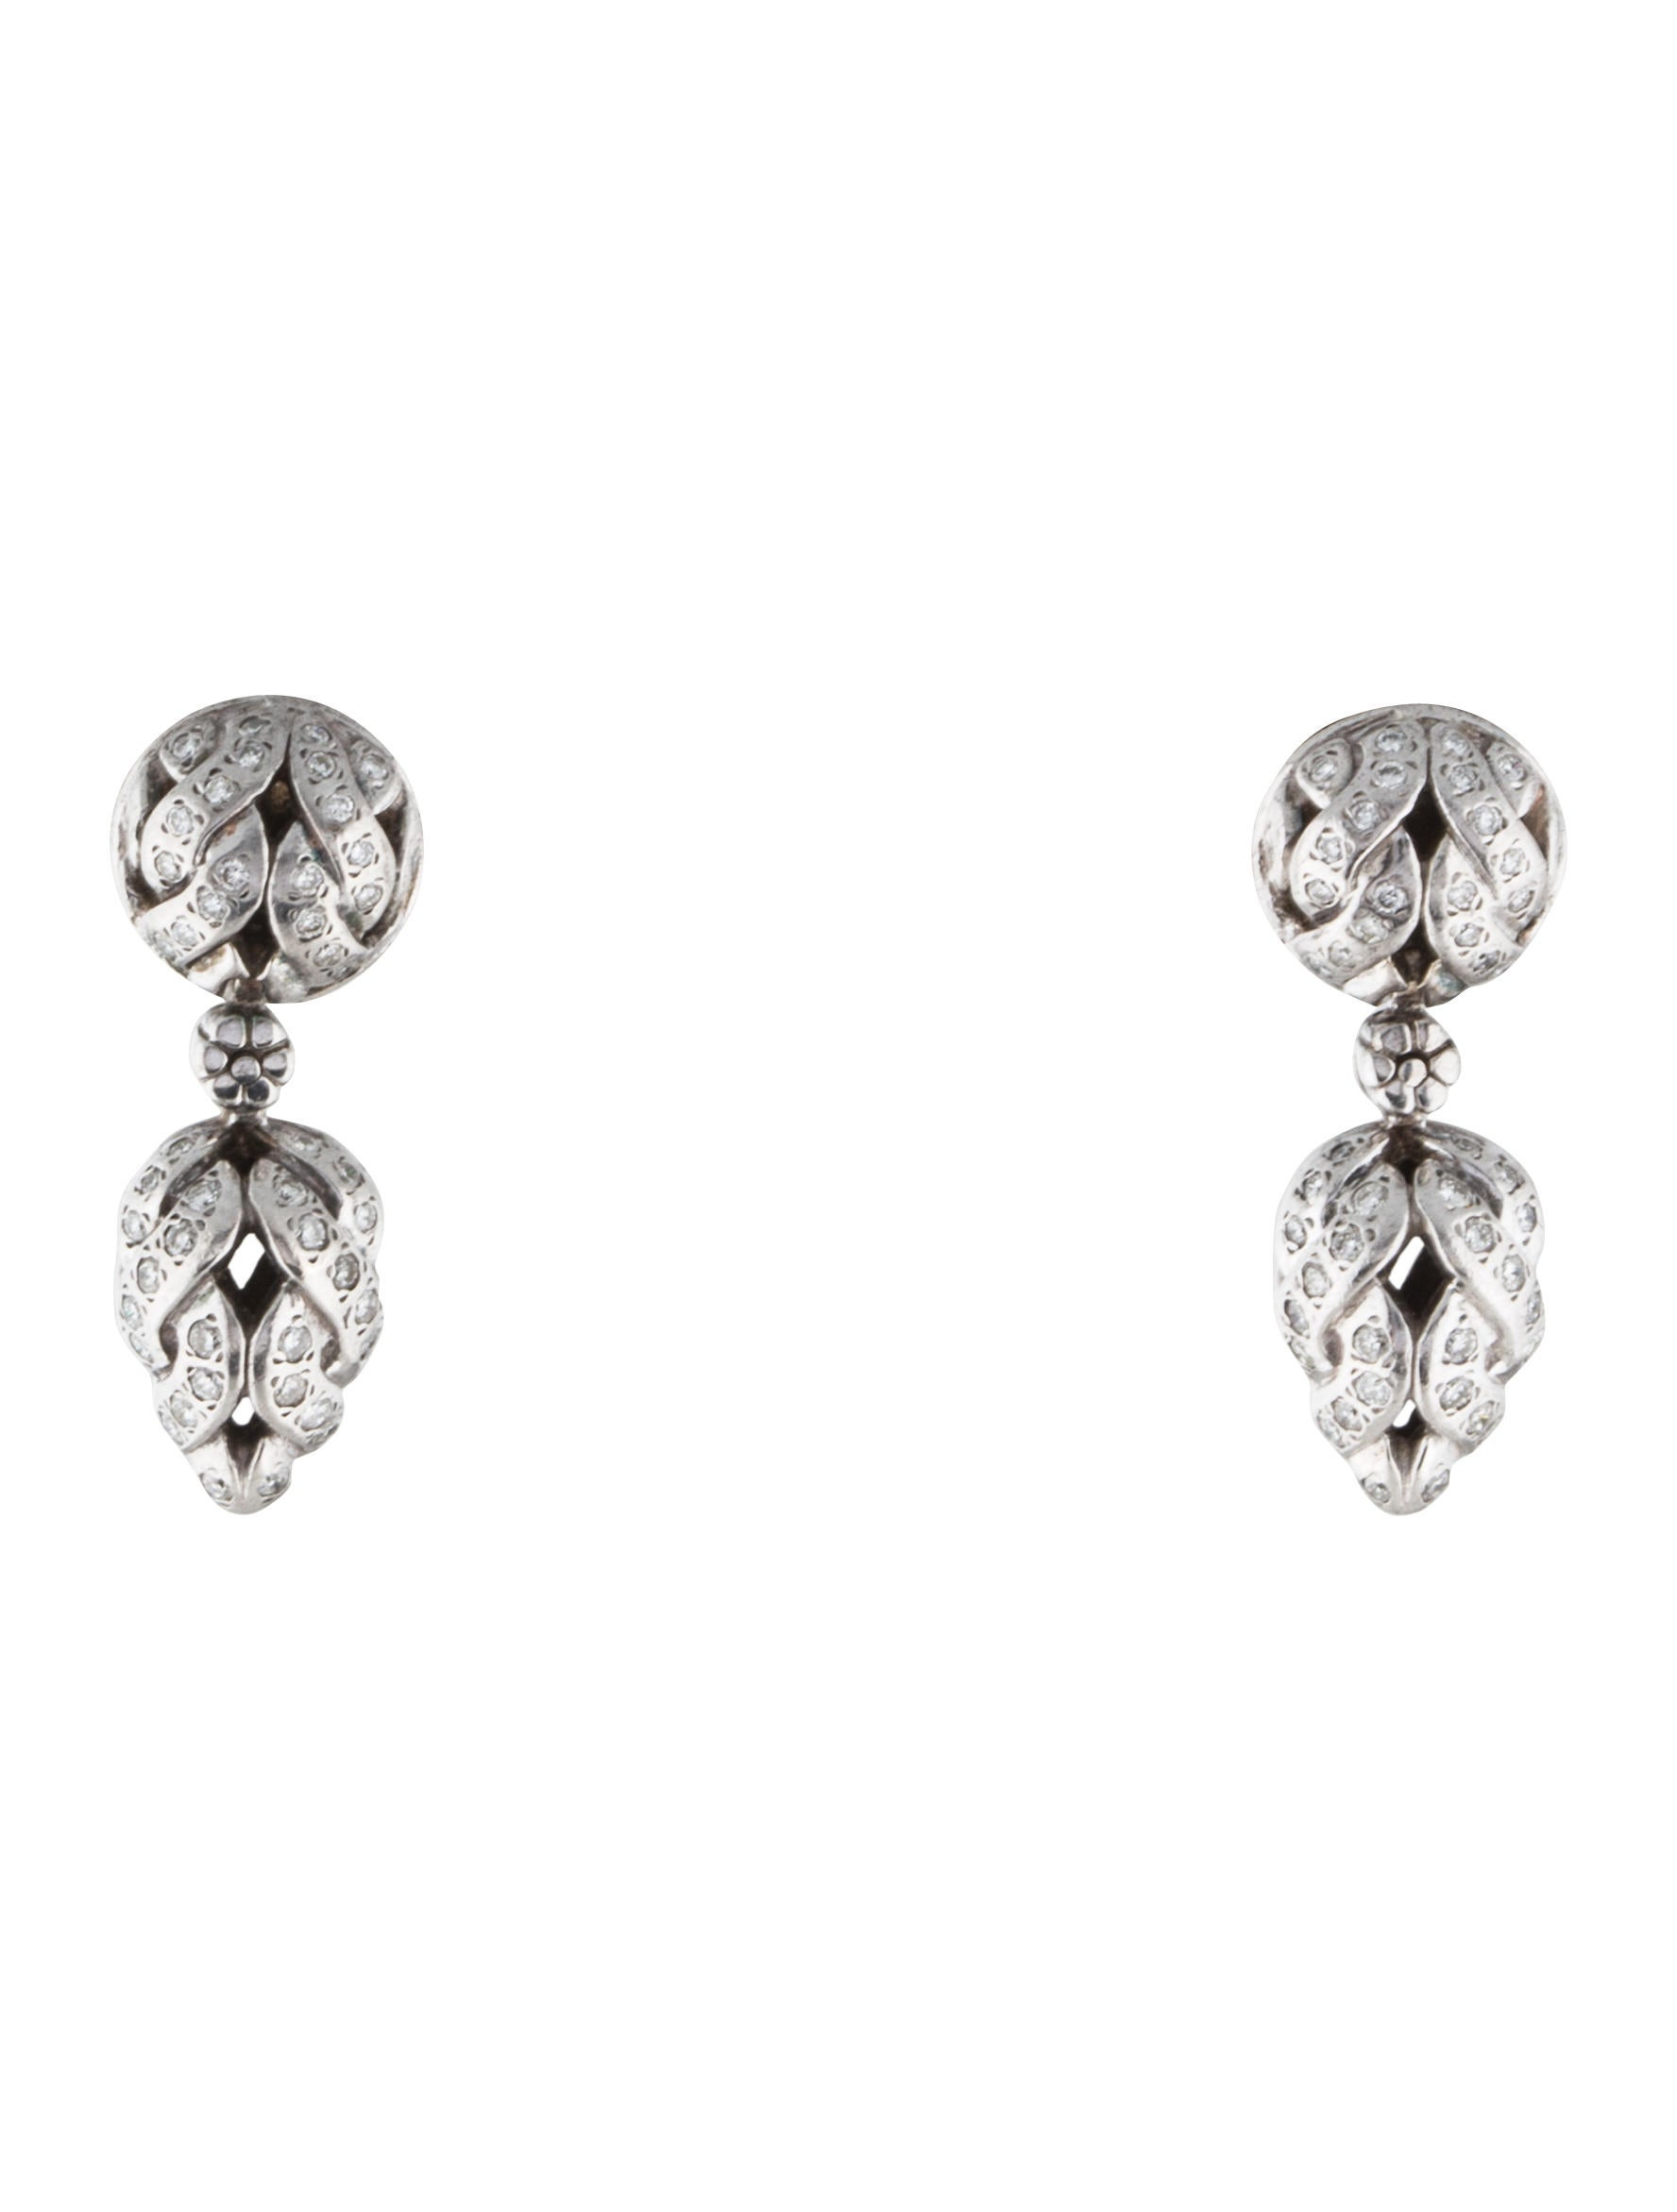 John hardy diamond drop earrings earrings jha26436 for John hardy jewelry earrings